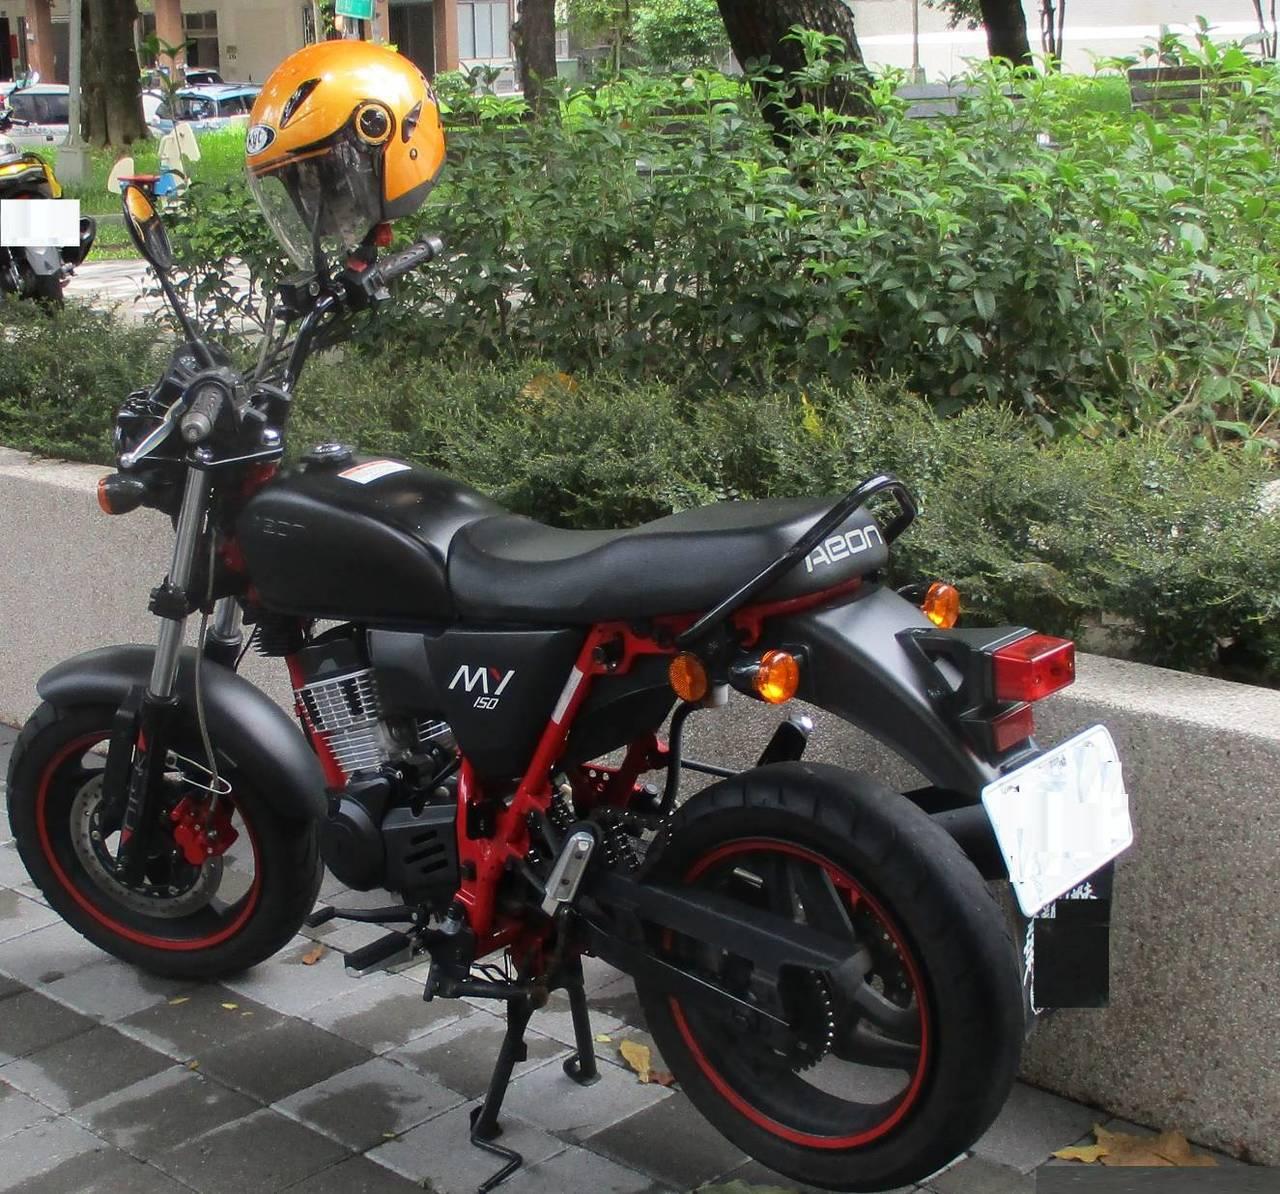 台中市西屯區潘姓男子因沒錢修機車,他找同款的機車下手,偷走一輛機車、一顆輪胎,潘...